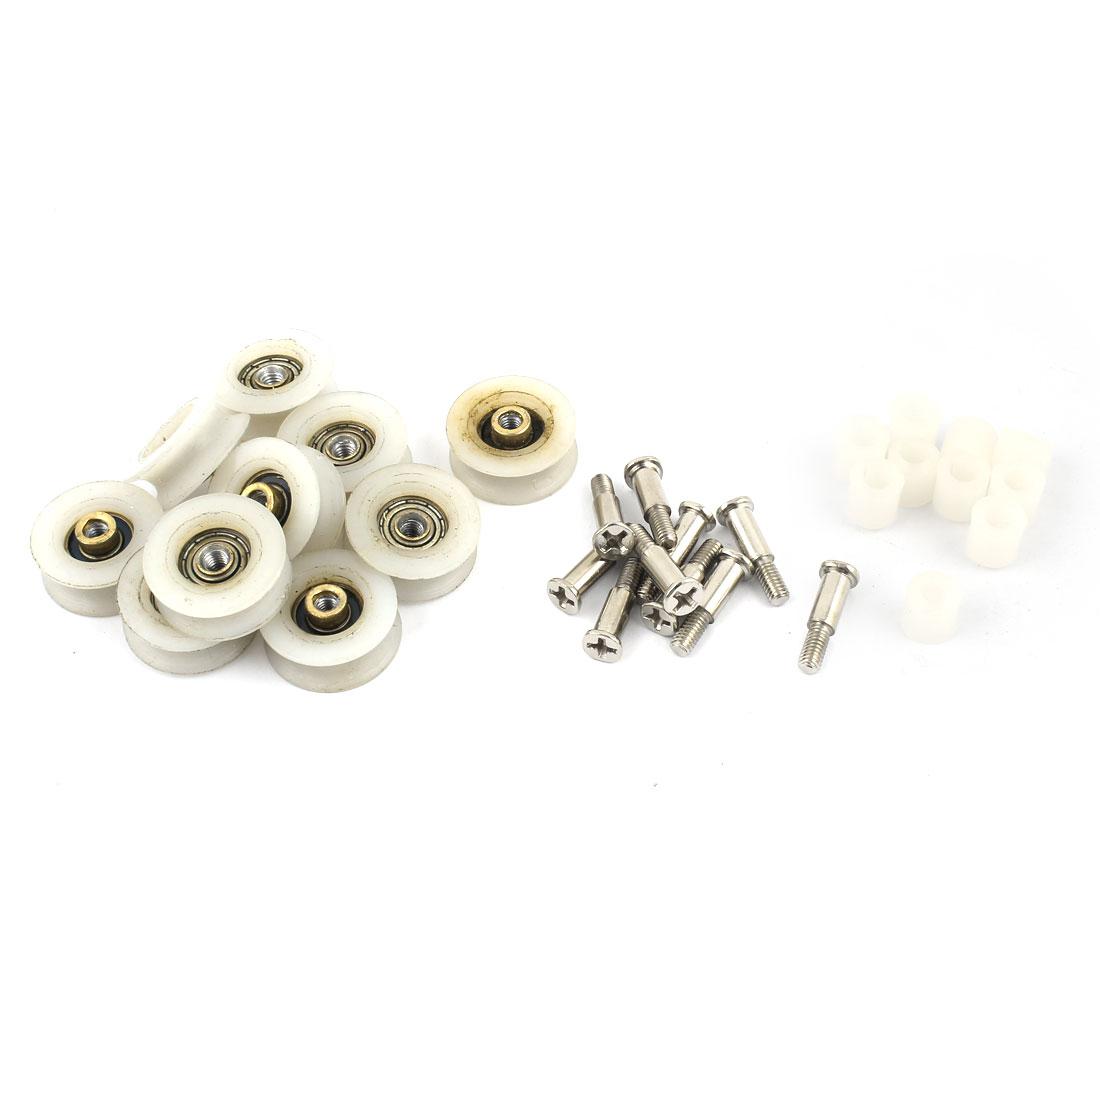 10 Pcs 22 x 9mm Gate Wheel Roller for Bathroom Sliding Door